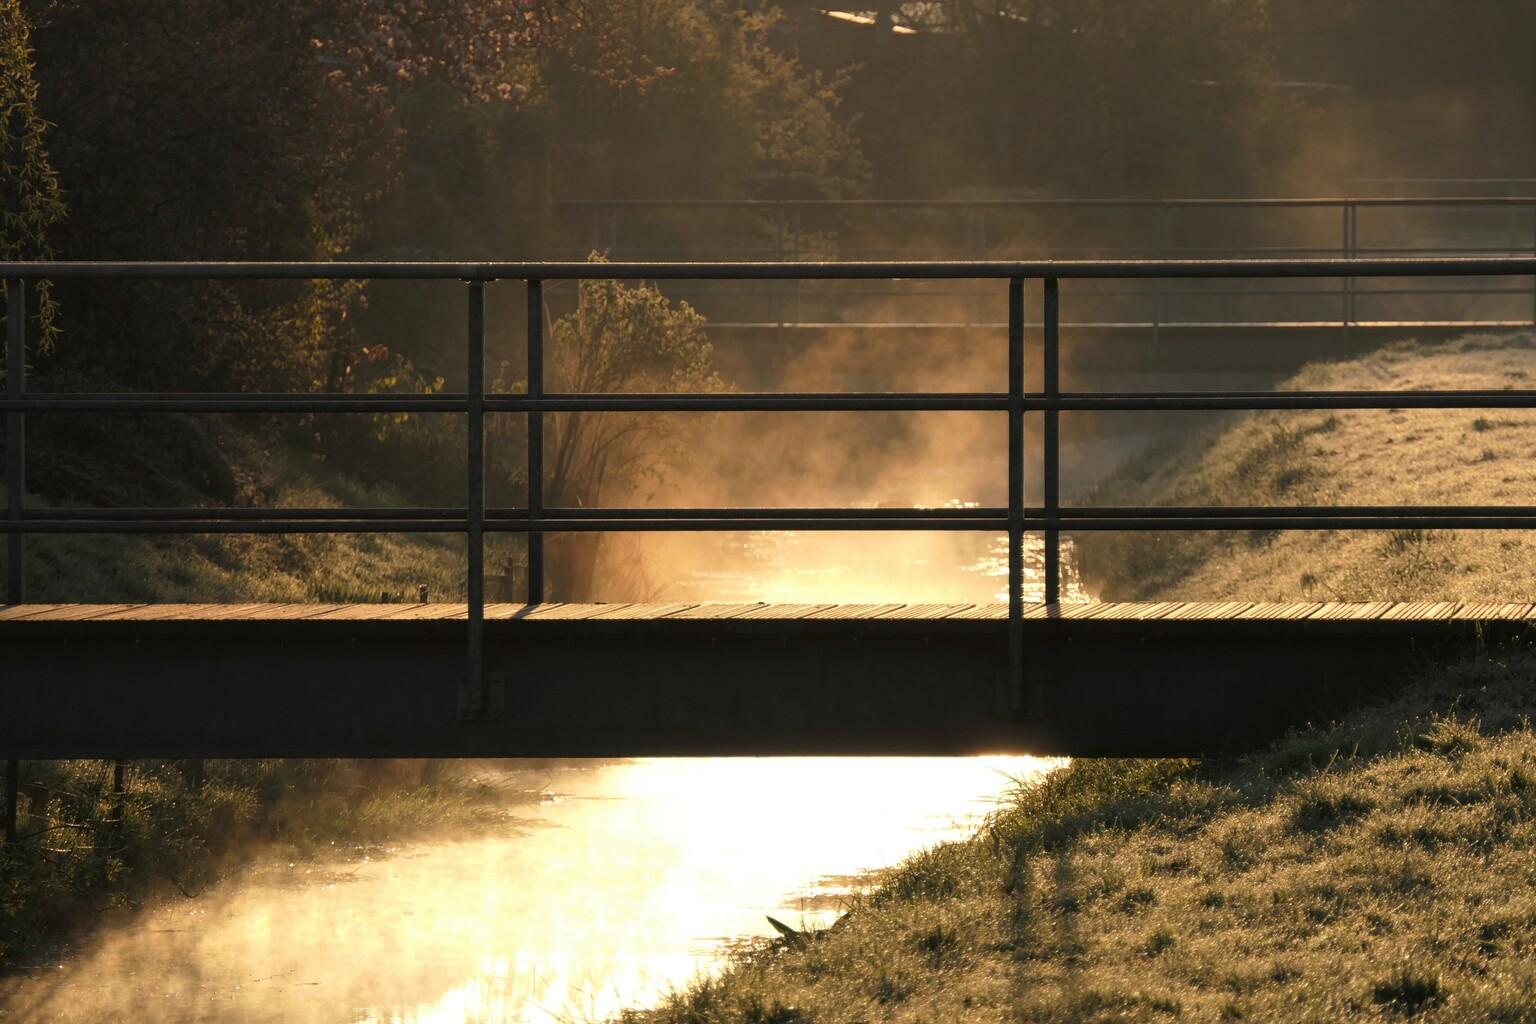 Koude Dinsdag - 13 April - foto door MANL op 14-04-2021 - deze foto bevat: water, atmosfeer, rechthoek, hout, natuurlijk landschap, schaduw, afdeling, atmosferisch fenomeen, hek, zonsondergang